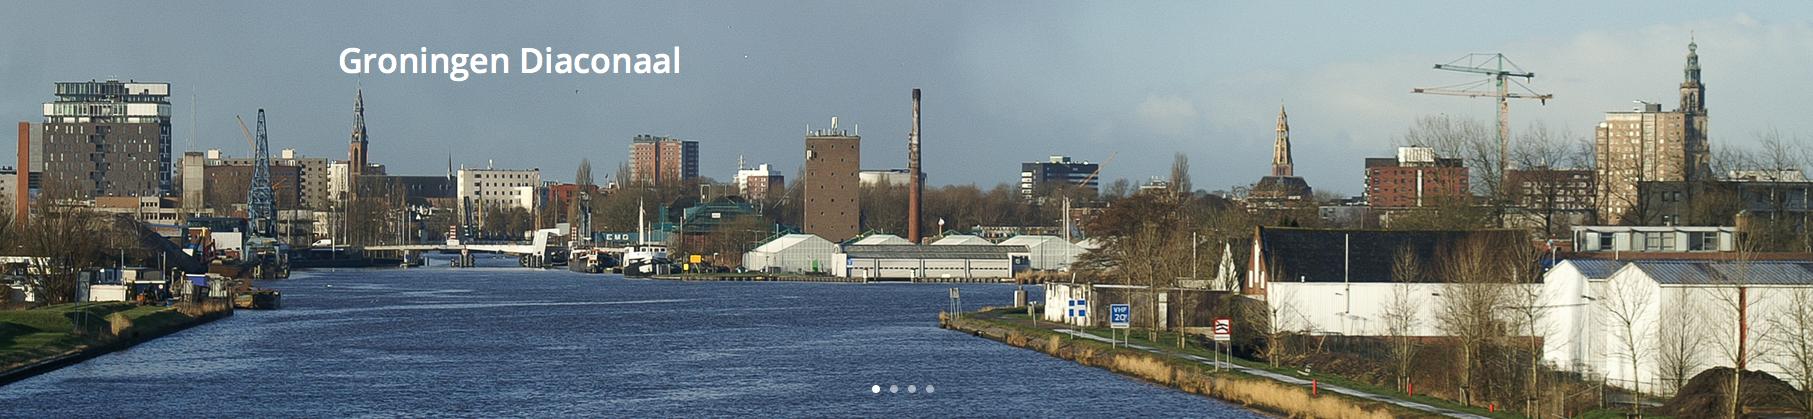 Groningen Diaconaal